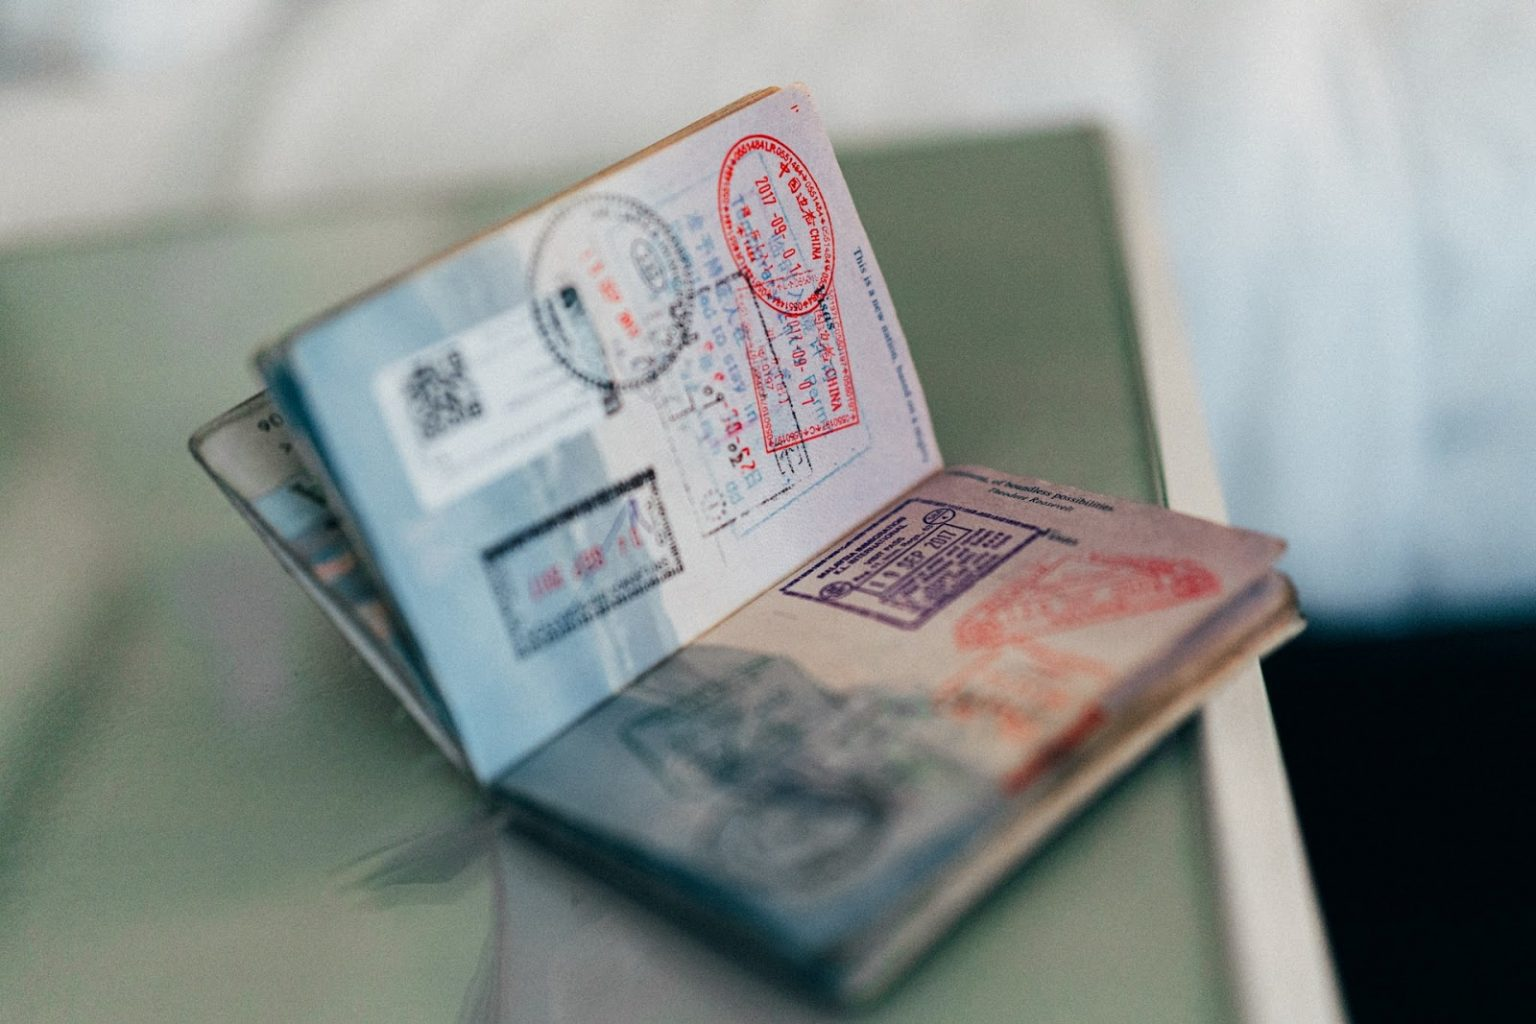 Dlaczego nie warto zatrudniać obcokrajowców przebywających na paszporcie biometrycznym?